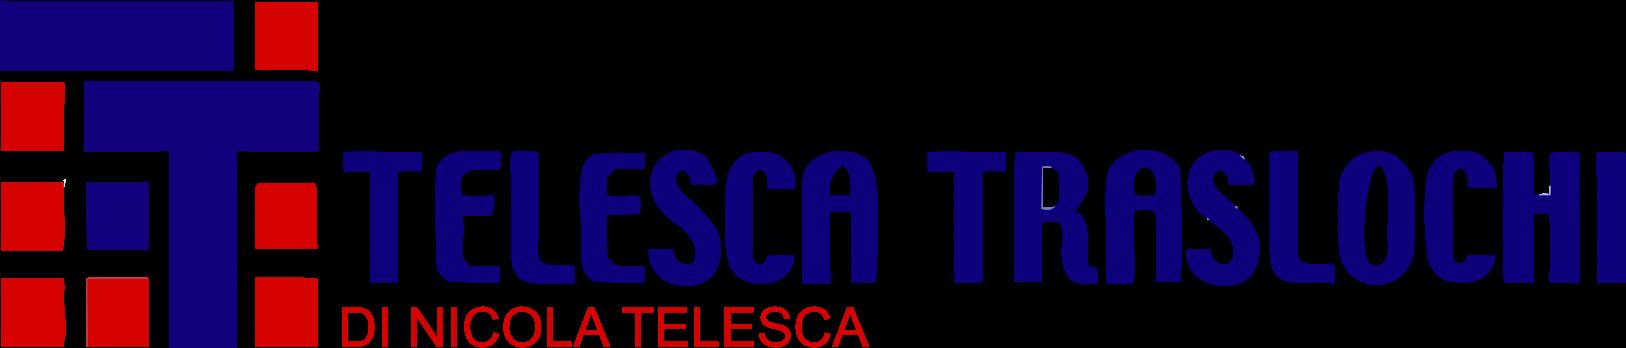 Telescatraslochi di Nicola Telesca